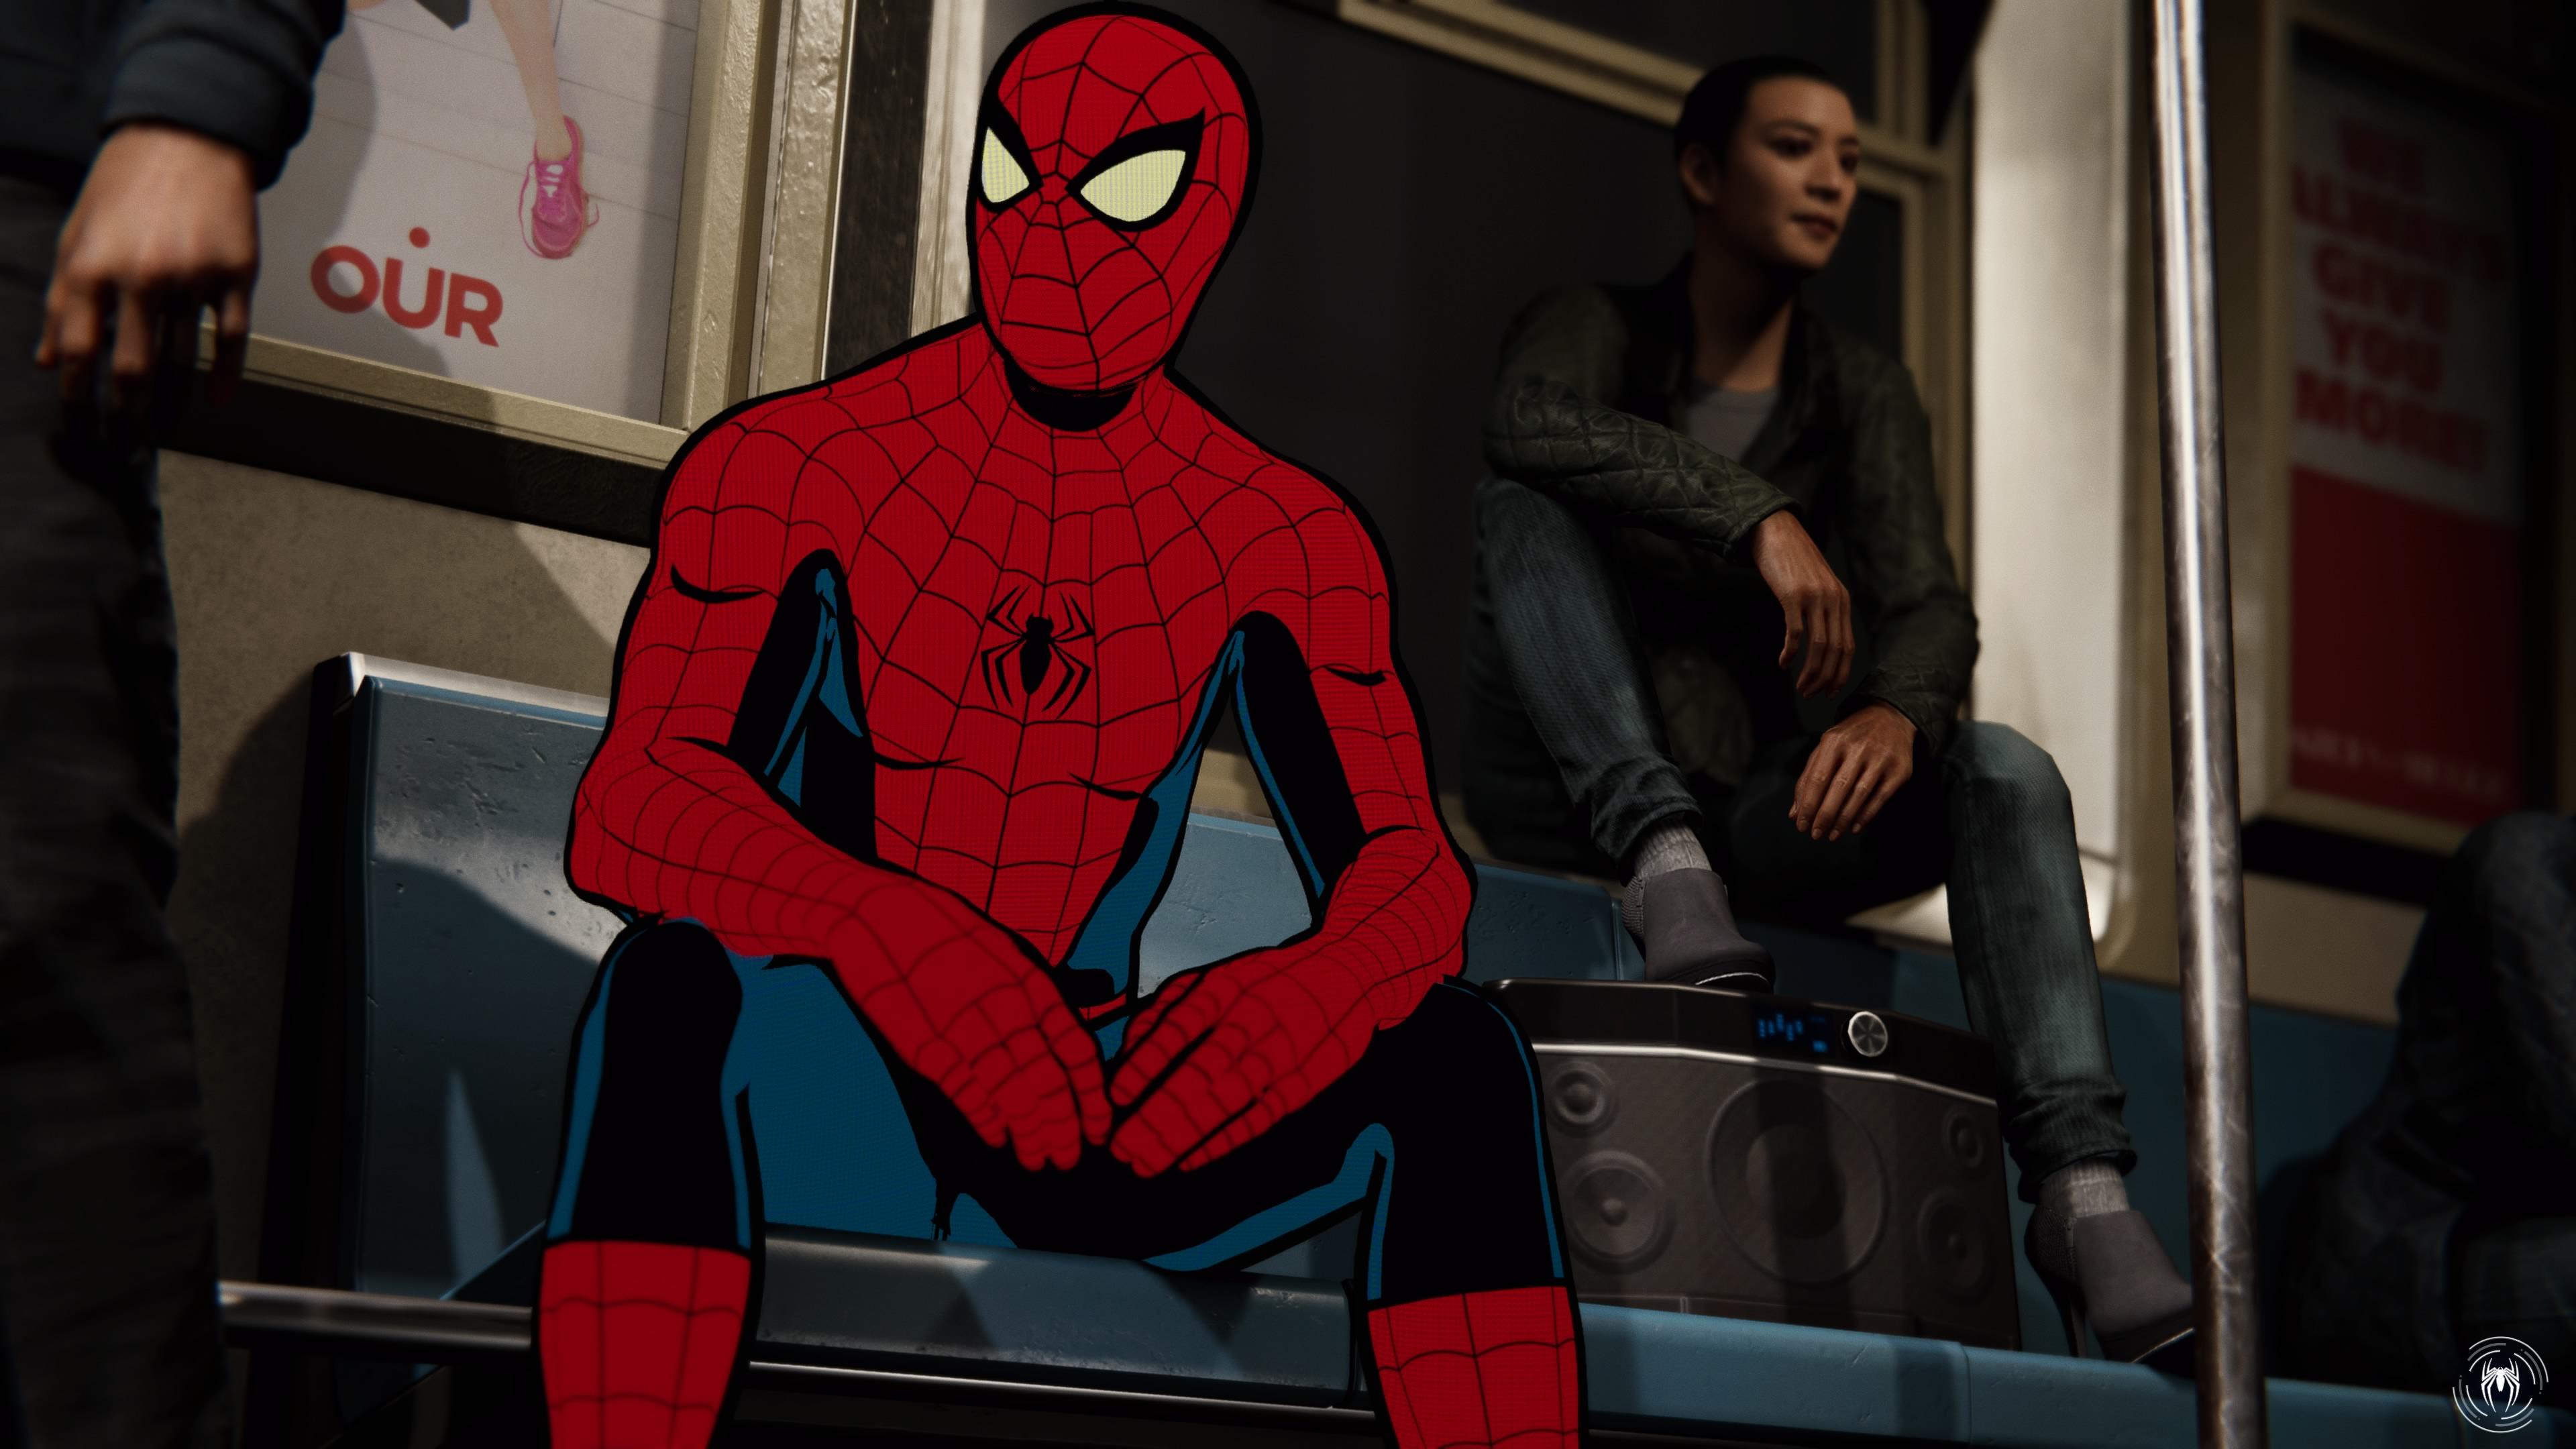 Komiksový Spider Man ve fotoreslistické podobě